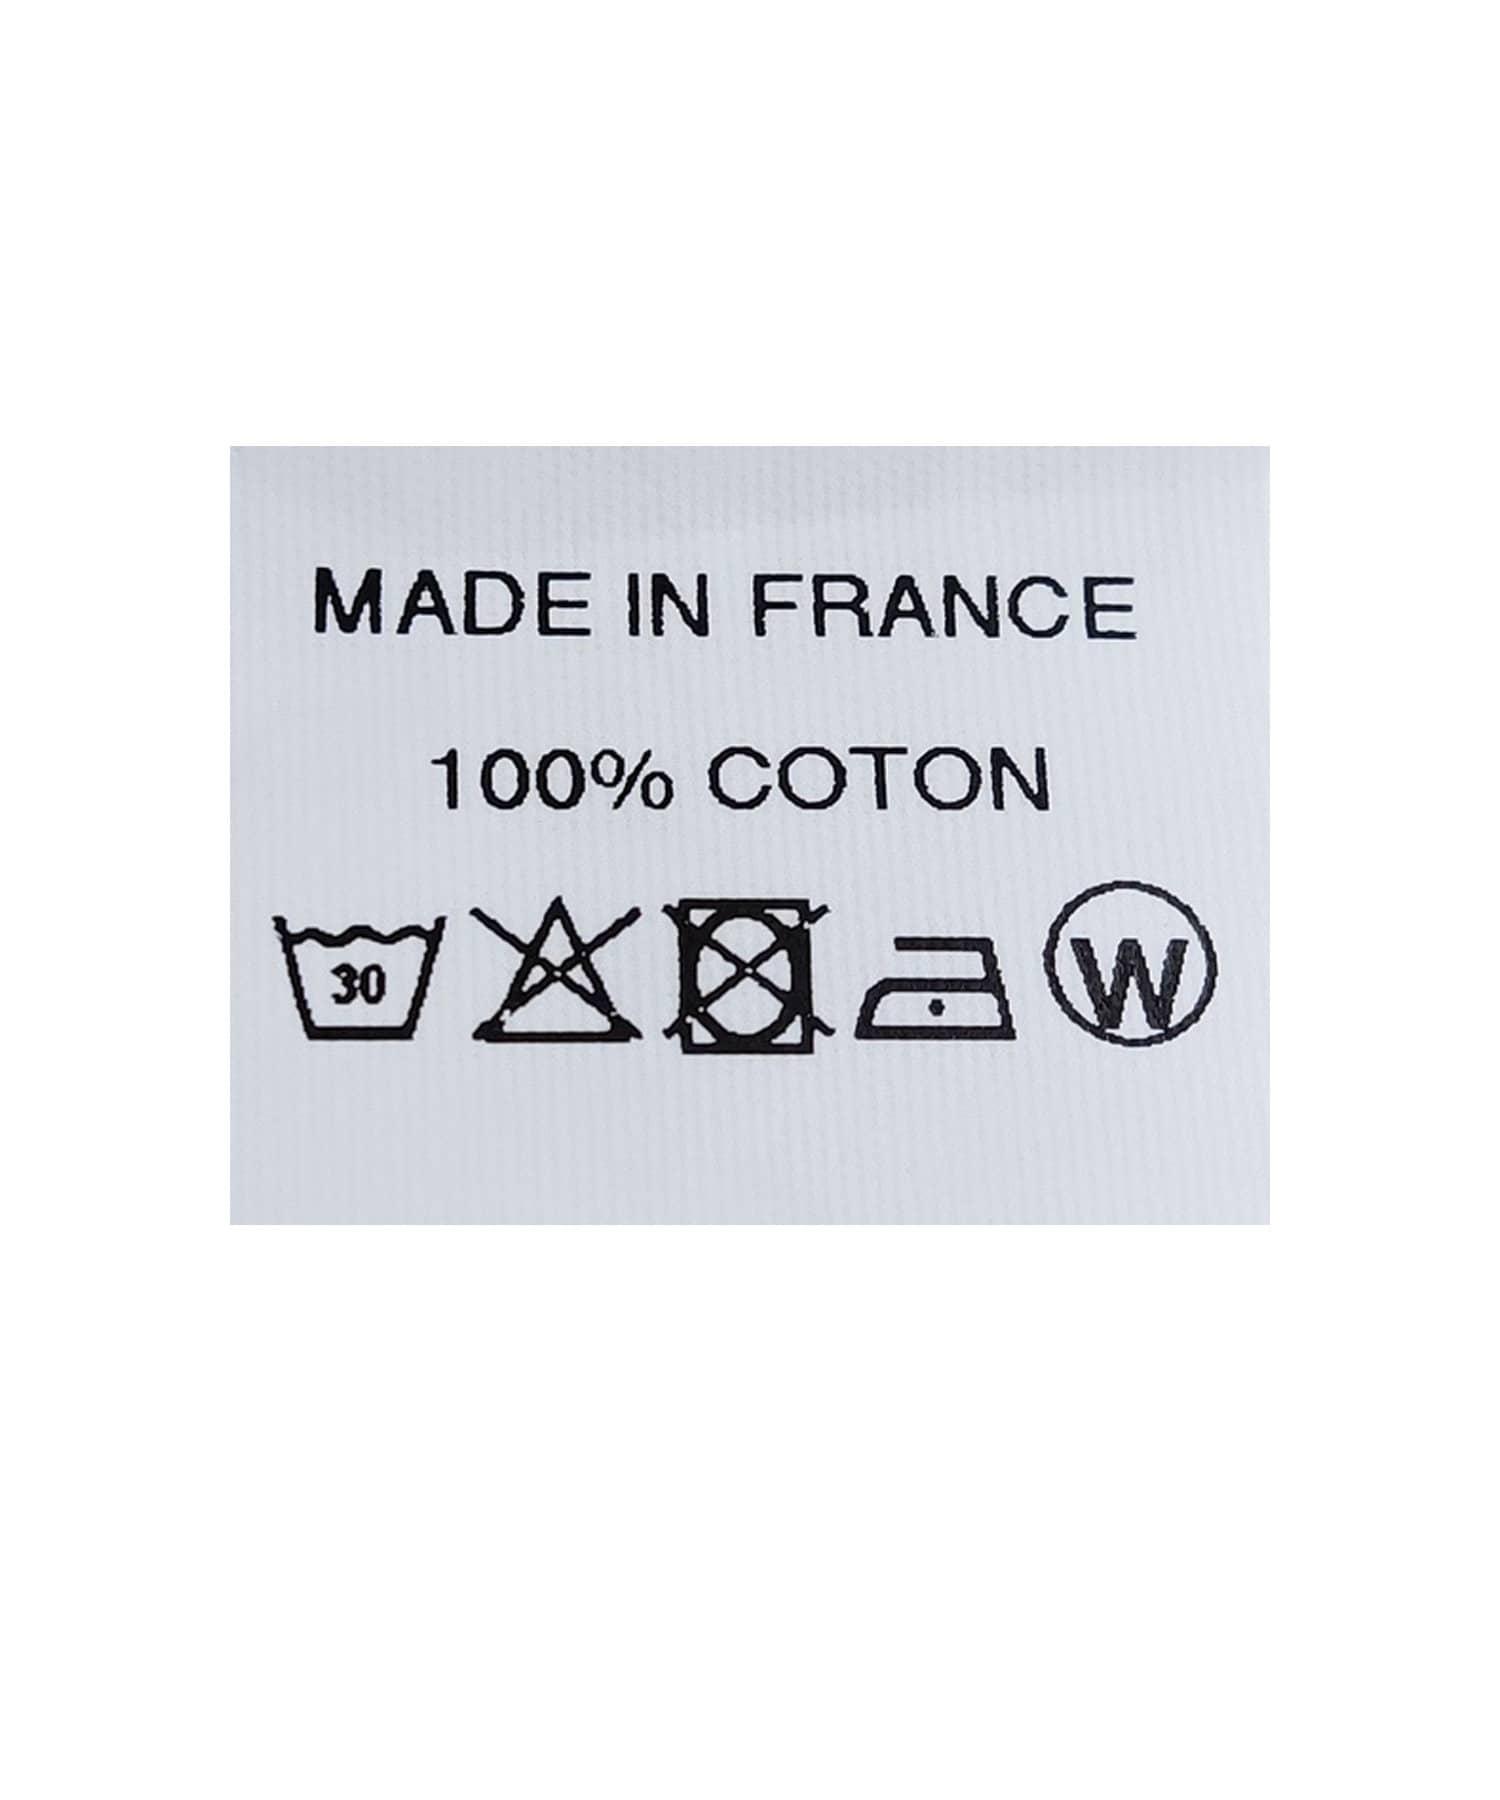 La boutique BonBon(ラブティックボンボン) 【洗える・Le minor】マリニエールバロンフレンチスリーブカットソー